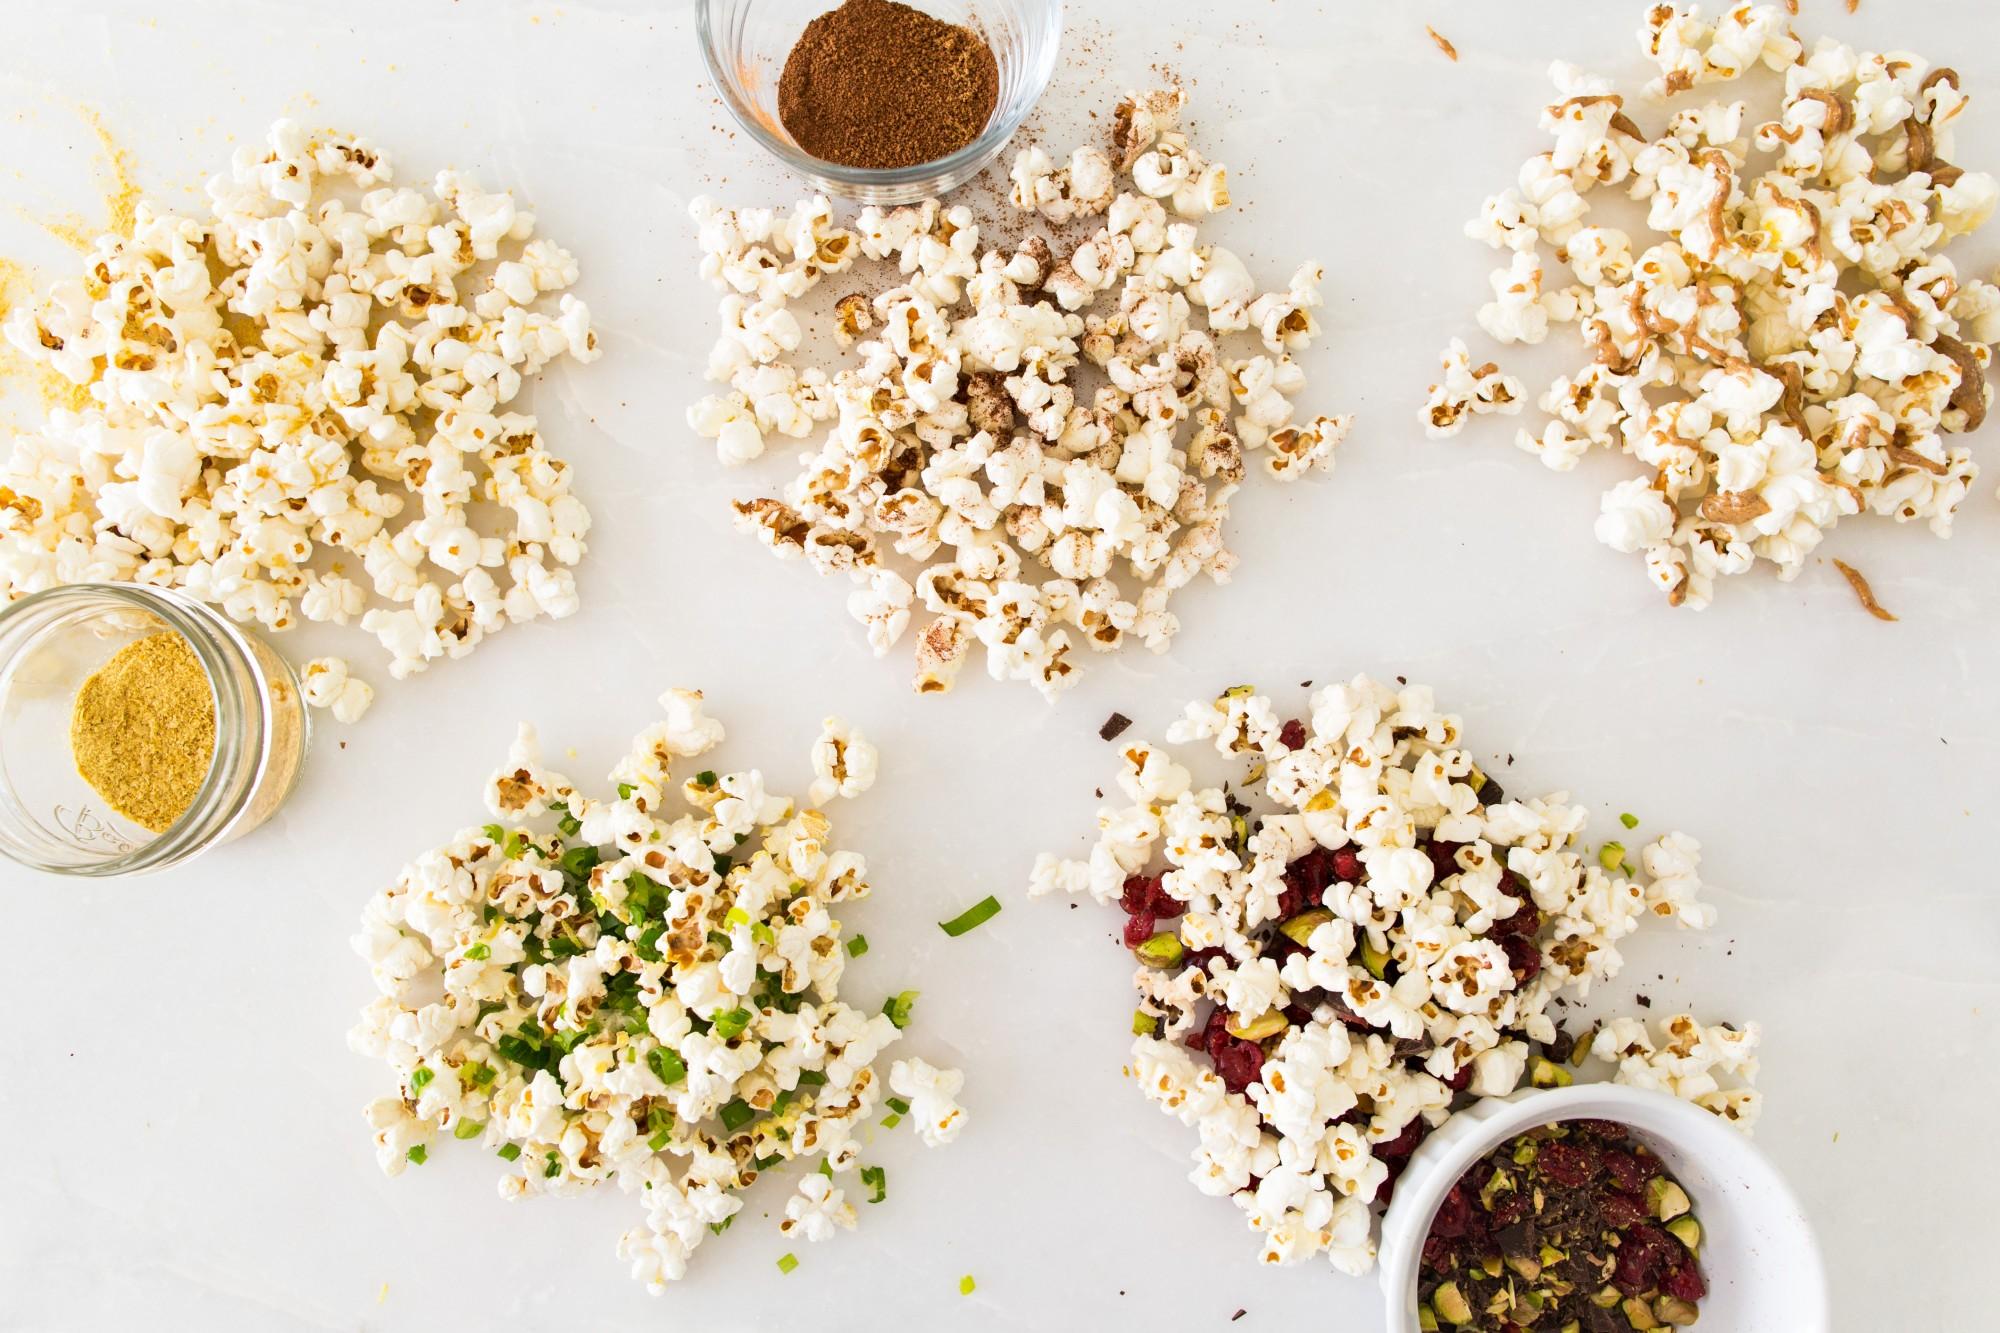 healthy-popcorn-variation-tiu-2.jpg